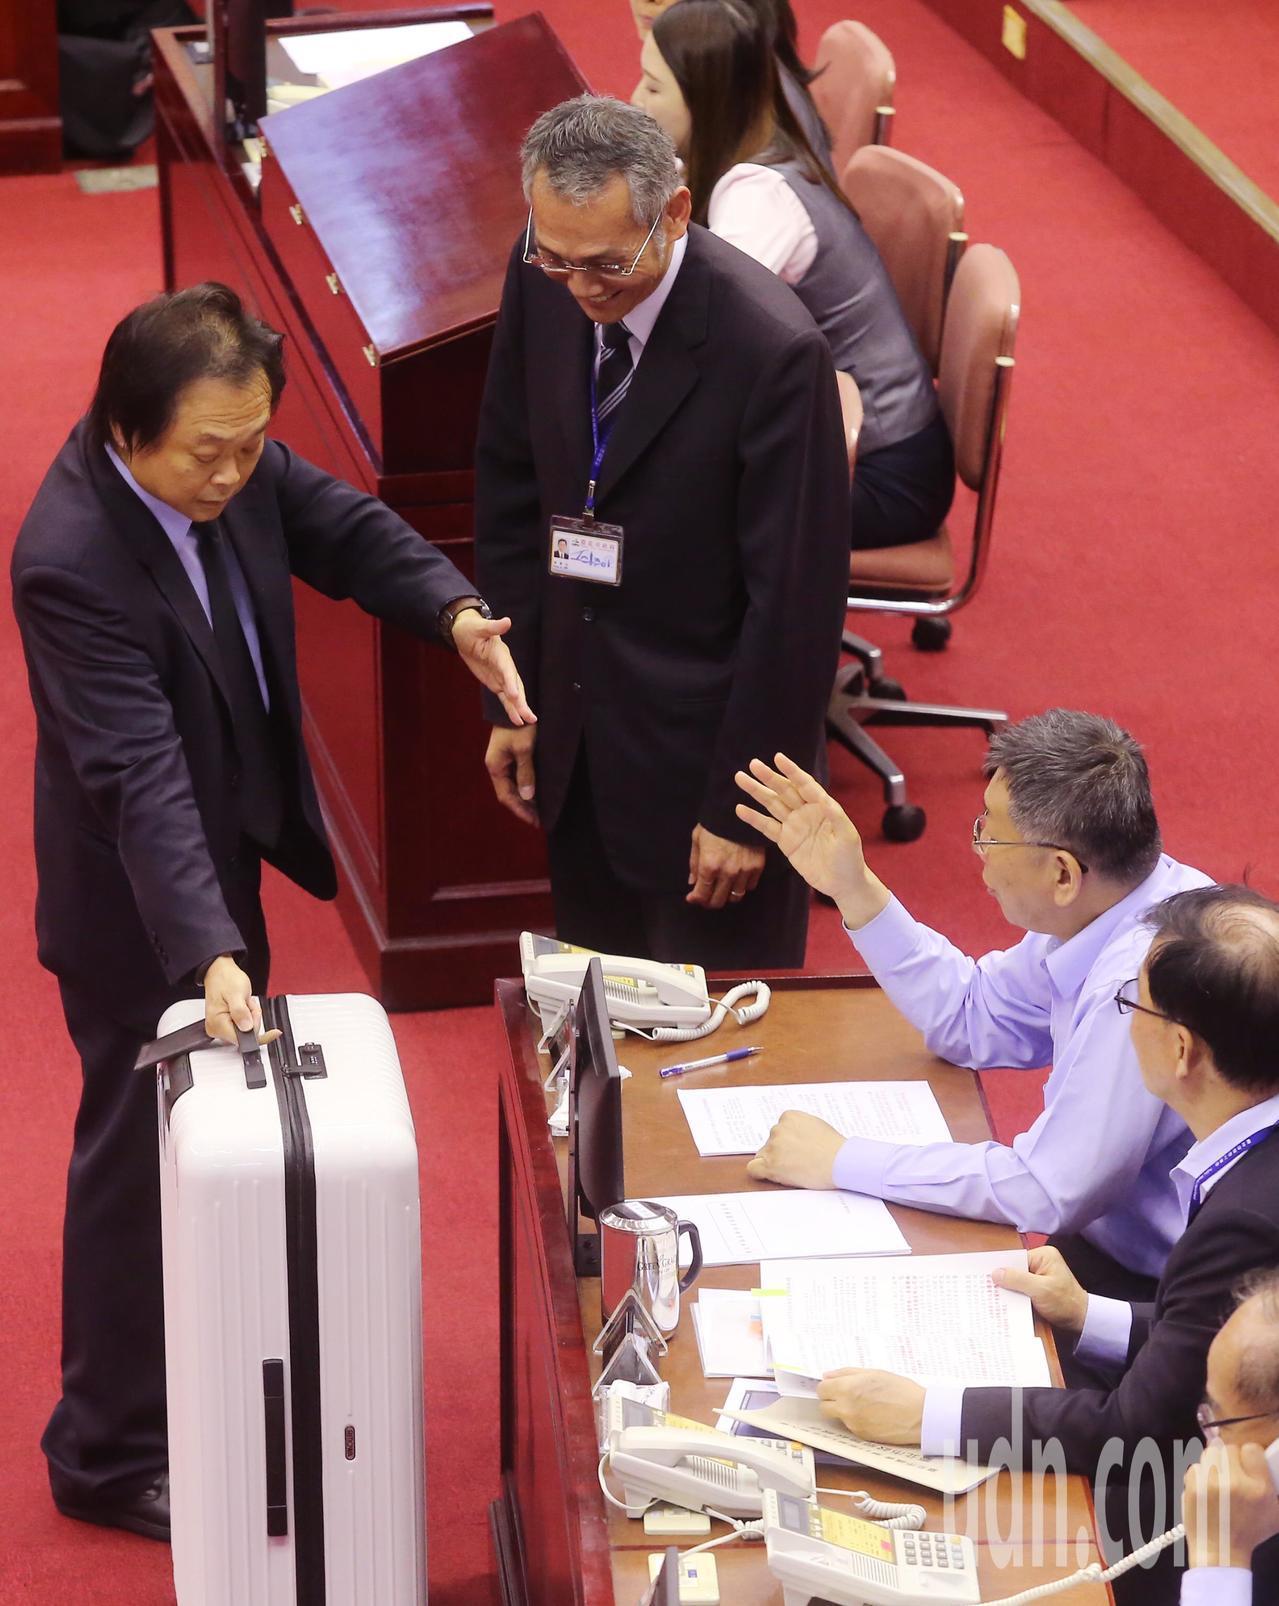 民進黨市議員王世堅送柯文哲行李箱要他打包走人。記者徐兆玄/攝影